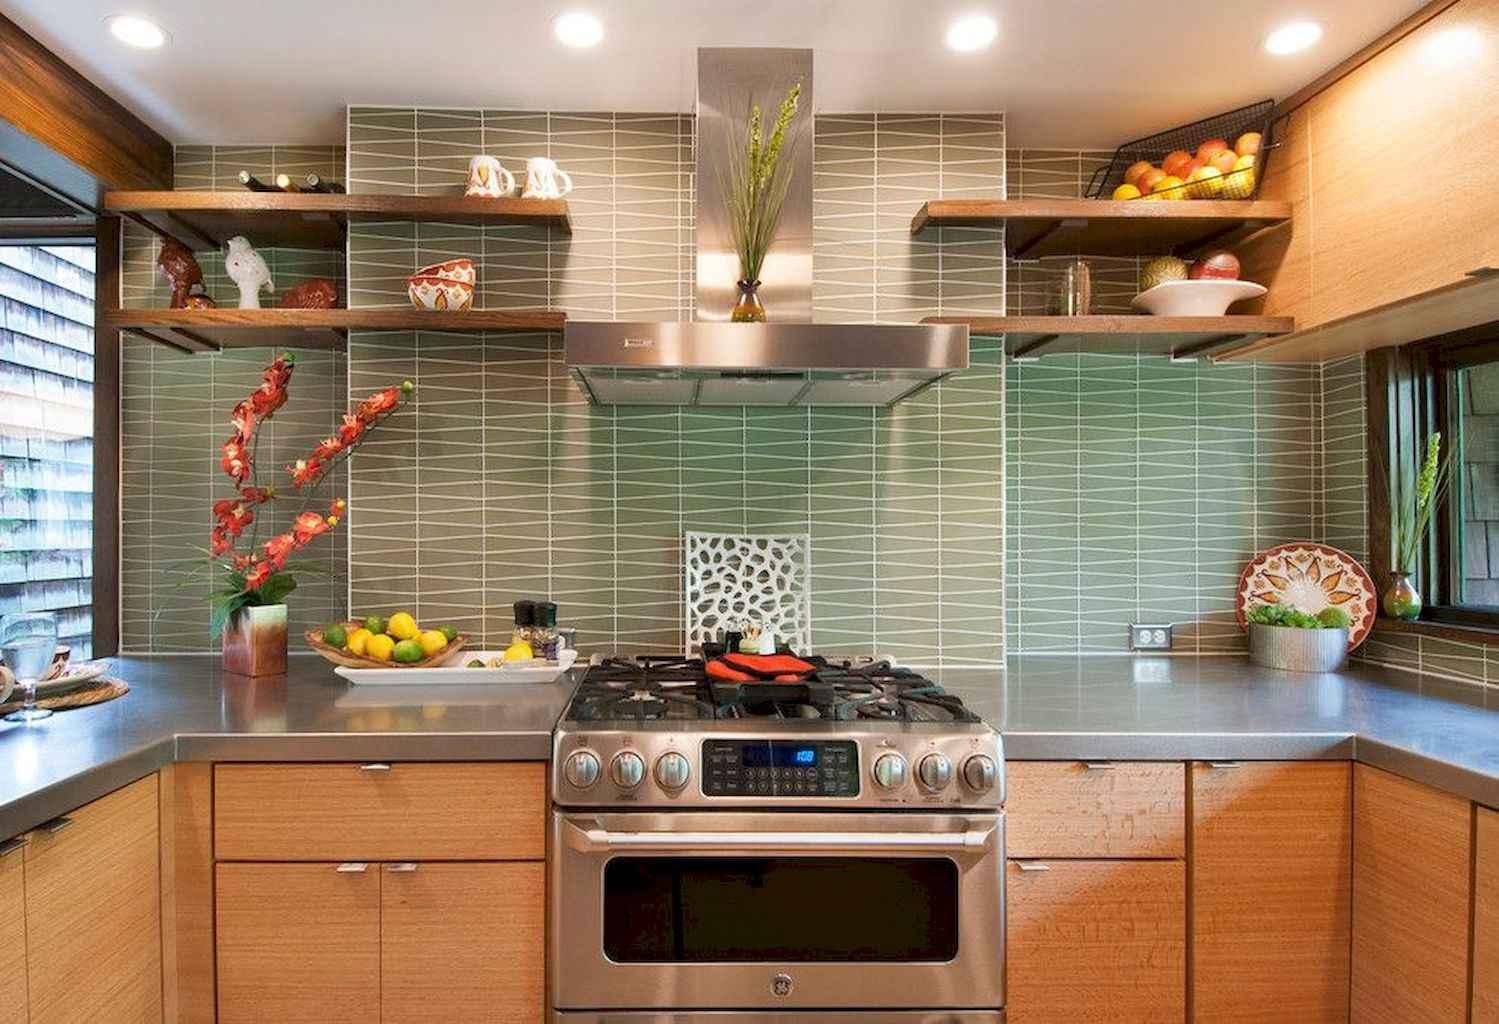 Mid Century Modern Kitchen Design Ideas 22 Homespecially